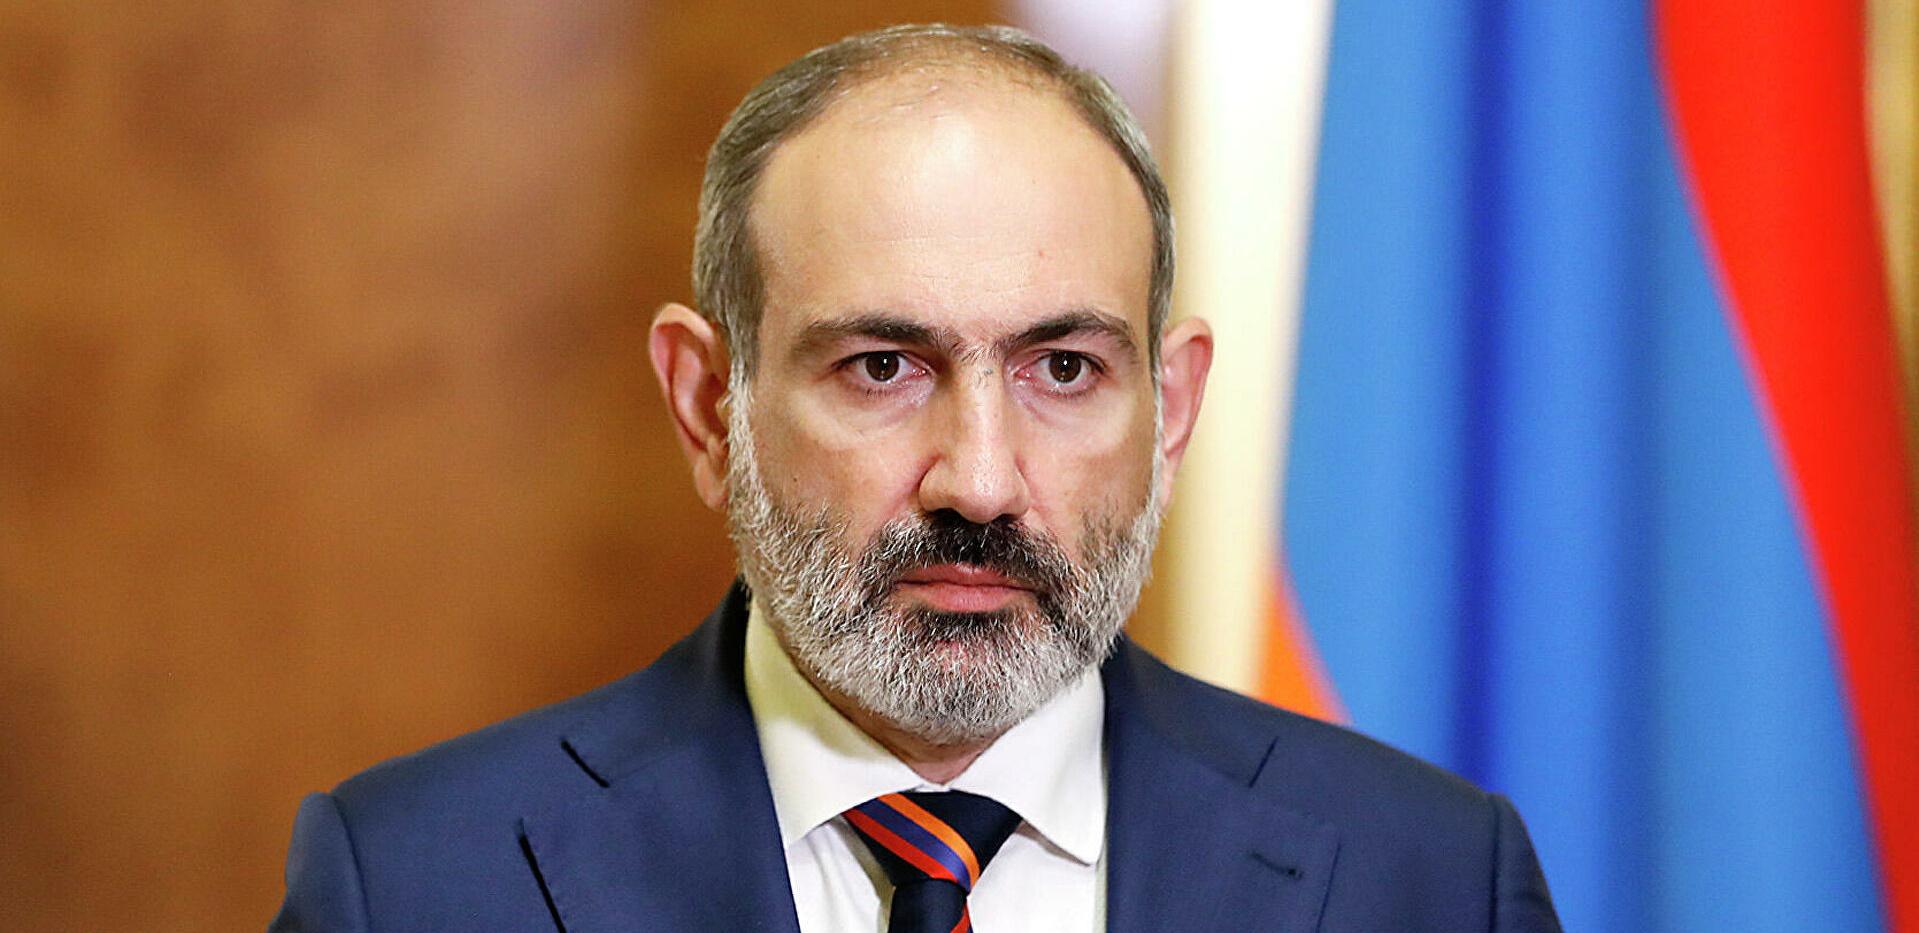 Армяне вернутся в подконтрольные Баку районы Карабаха: Пашинян выступил с громким заявлением